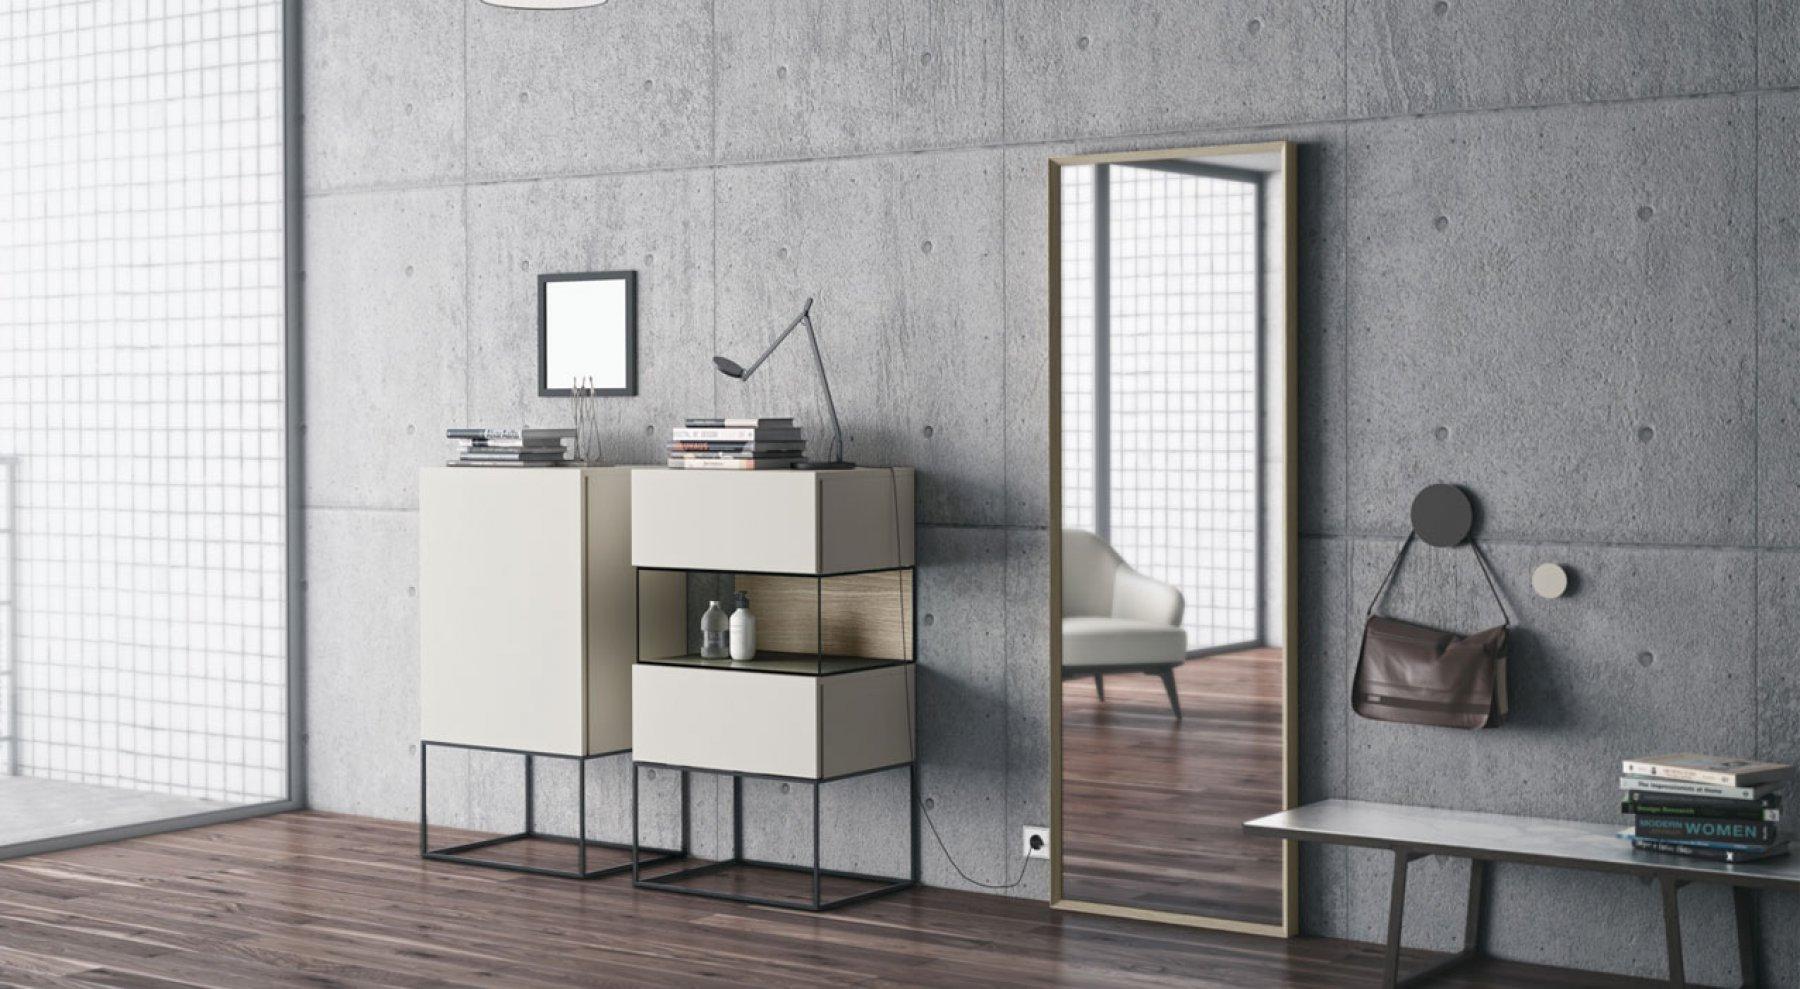 Espejos Emede Mobiliario De Diseno - Espejos-diseo